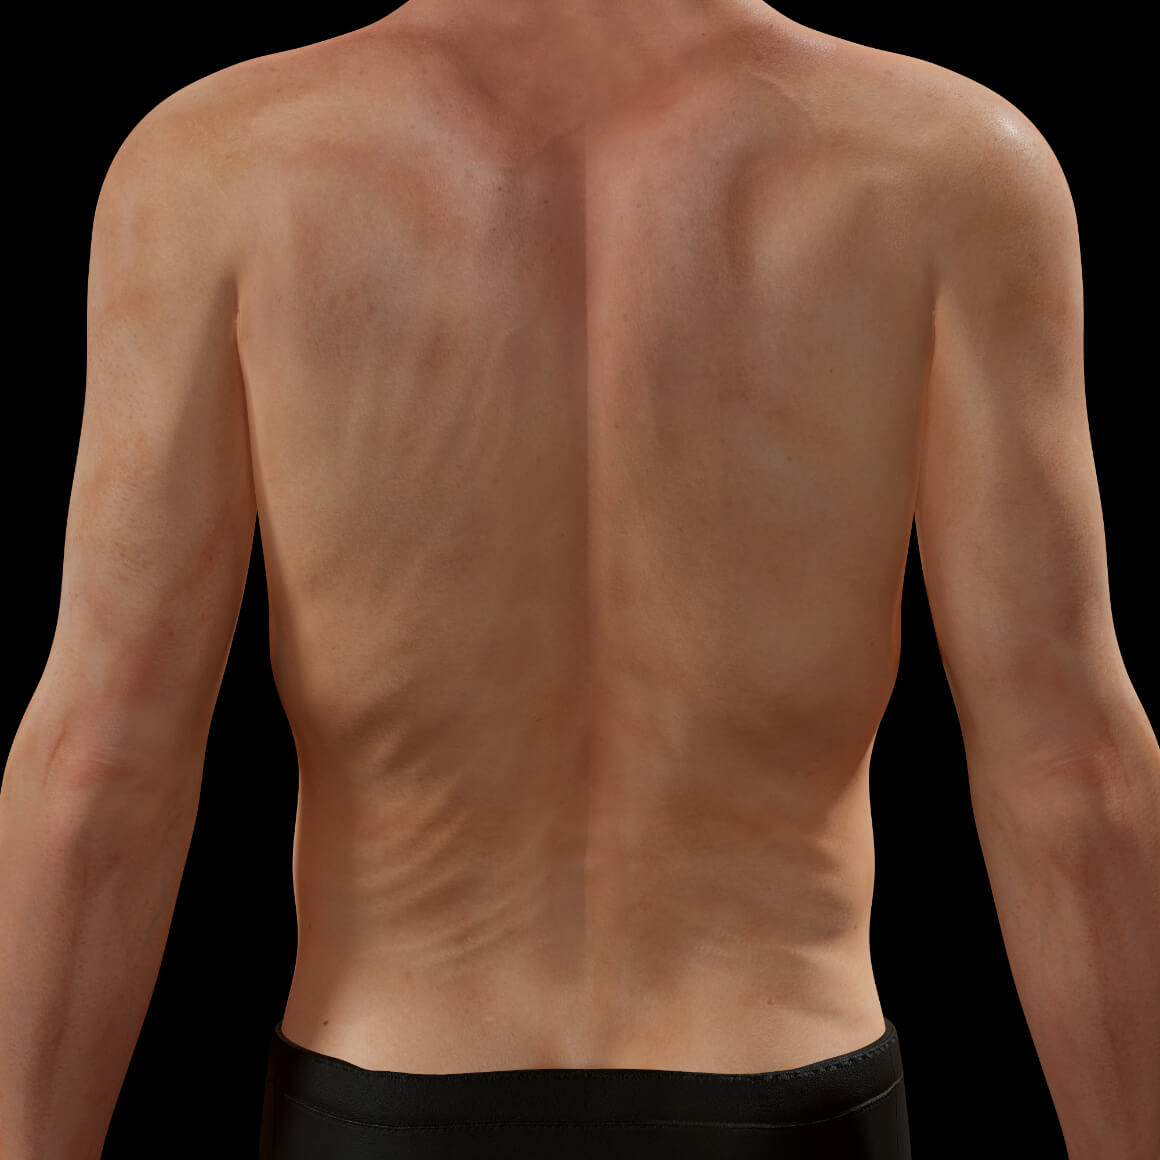 Dos d'un patient de la Clinique Chloé après des traitements de radiofréquence Venus Legacy pour le raffermissement corporel